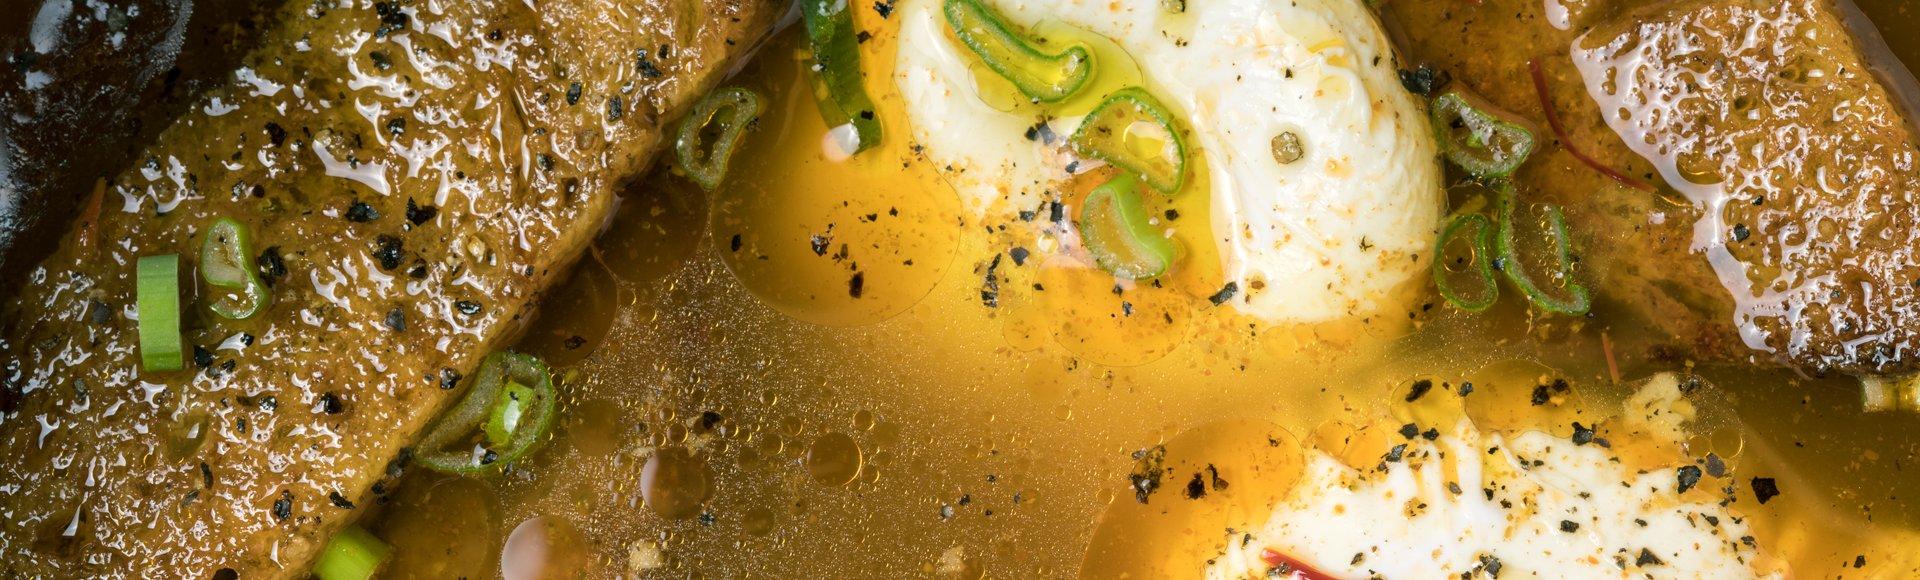 Σκορδάτη σούπα με καπνιστή πάπρικα, αυγό και χωριάτικο ψωμί